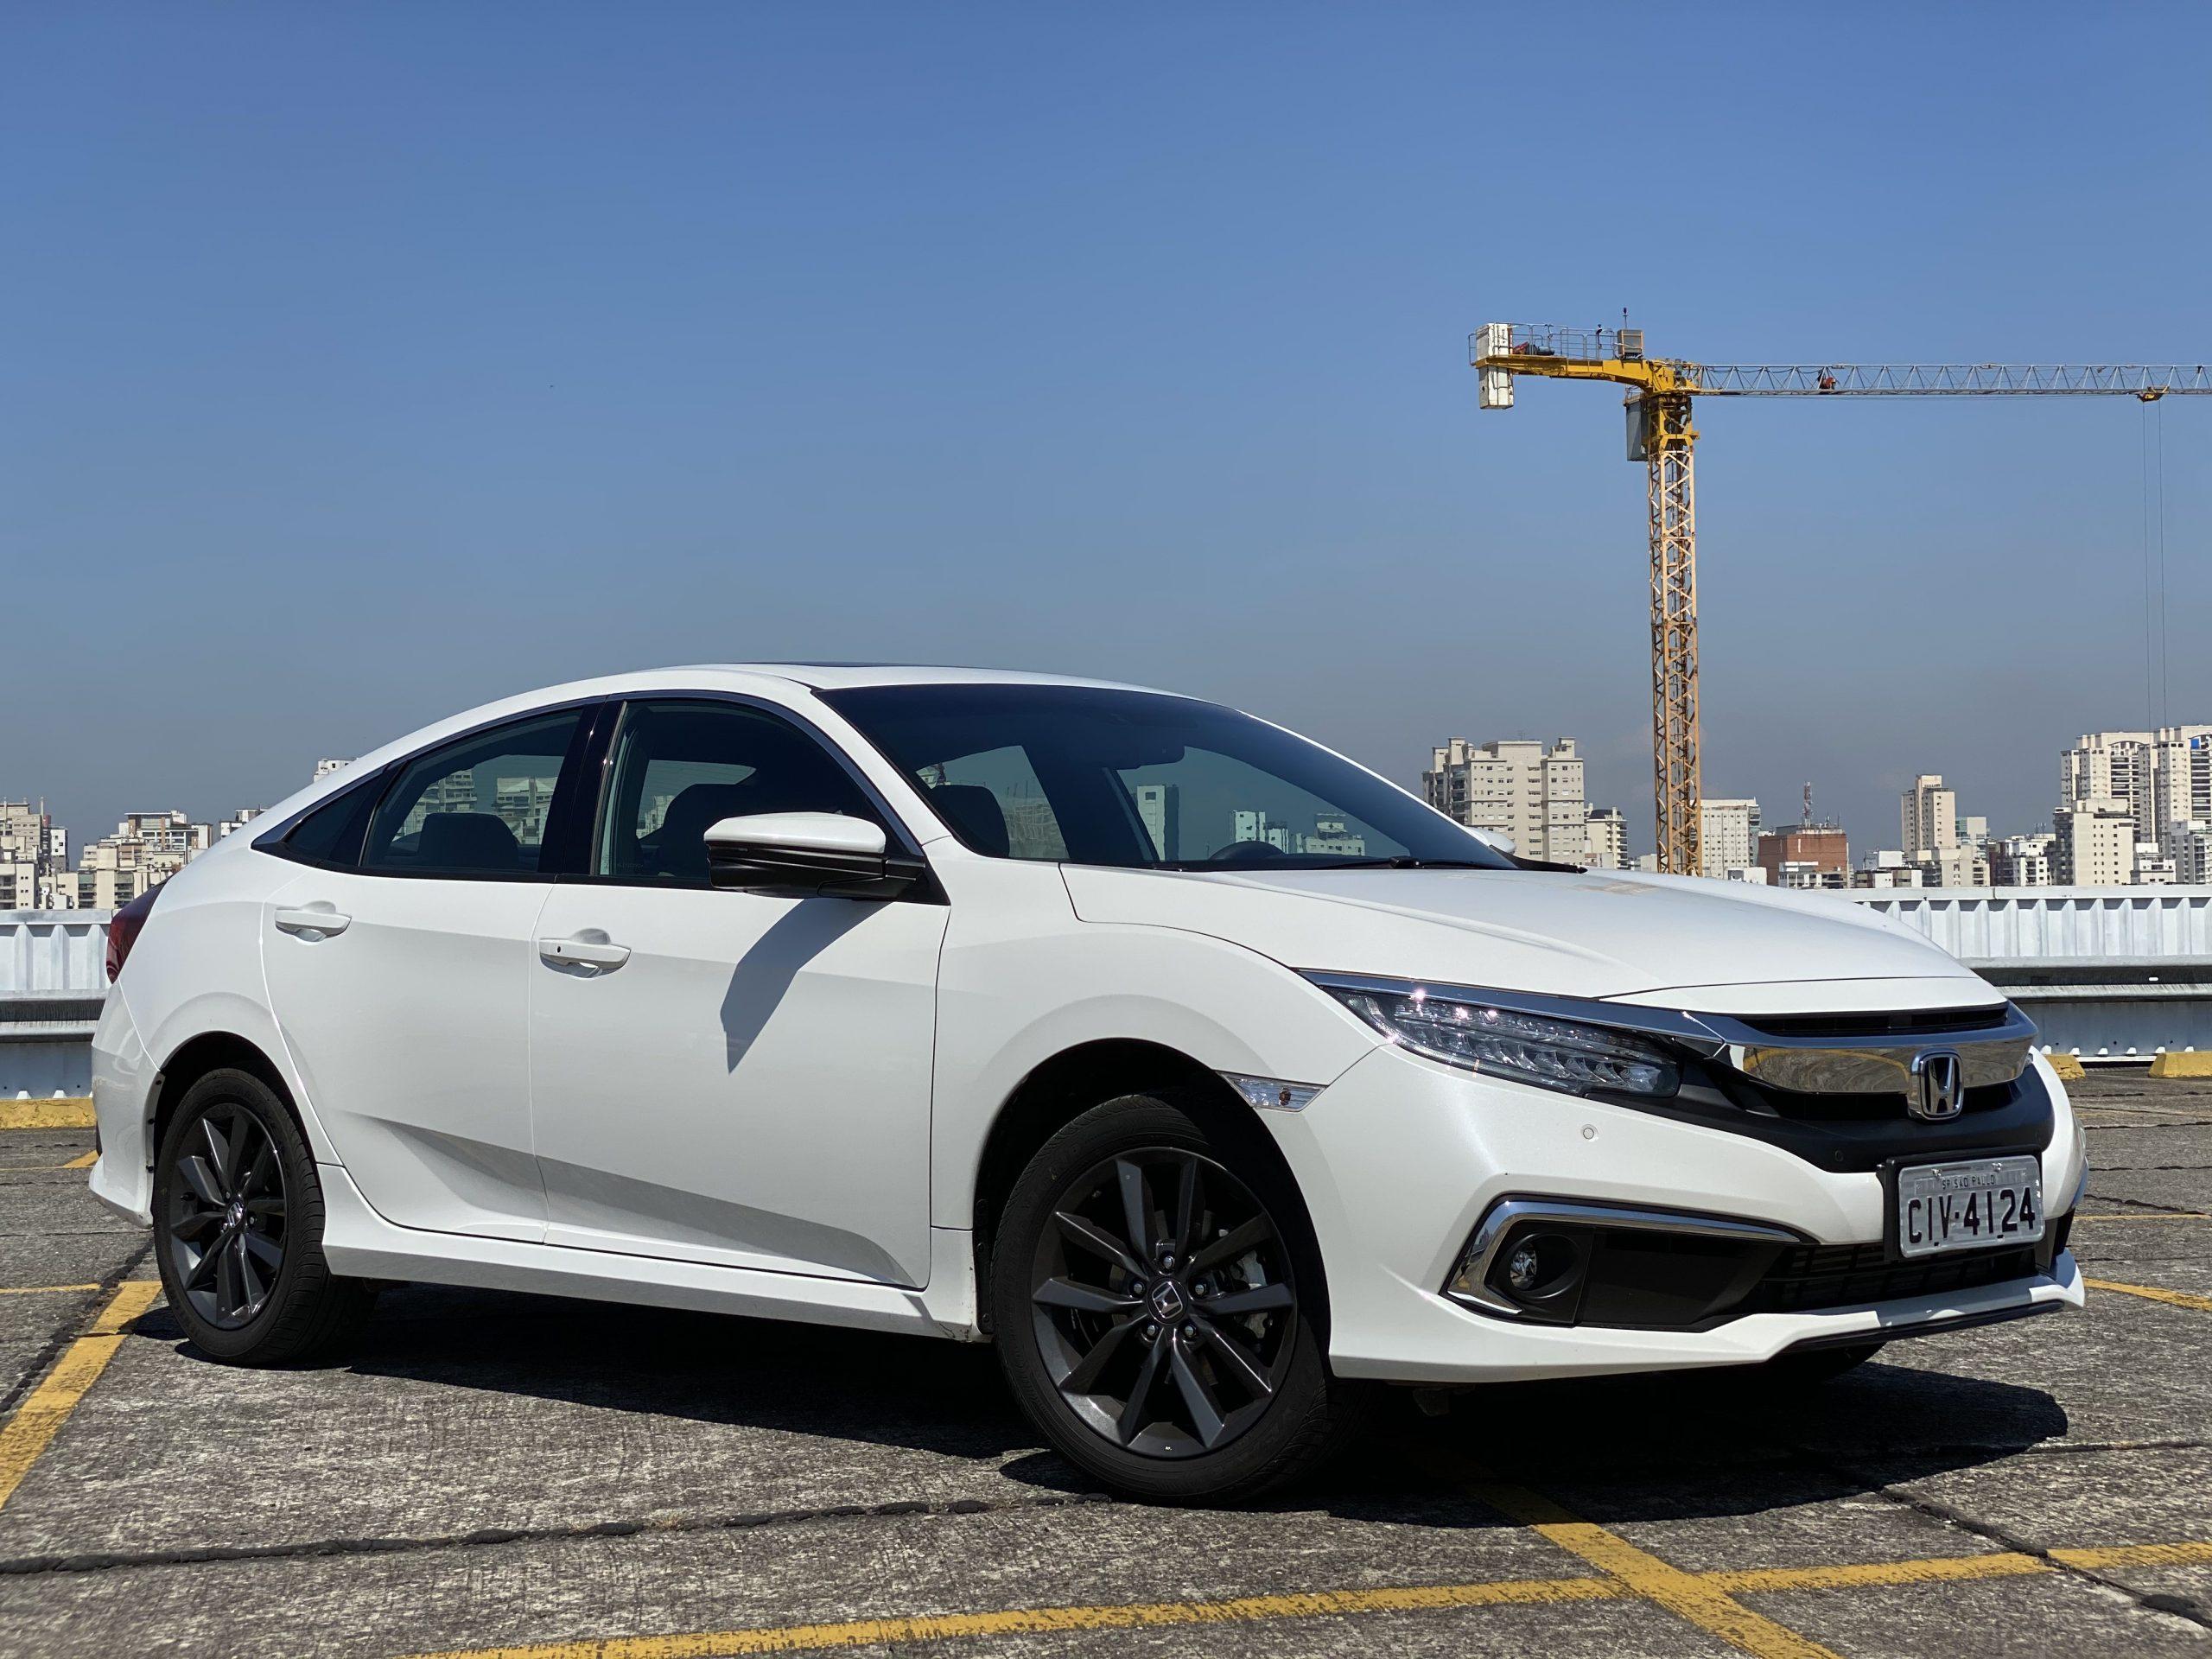 Honda Civic Touring 1.5 turbo: nossas impressões ao dirigir essa máquina | Review 360